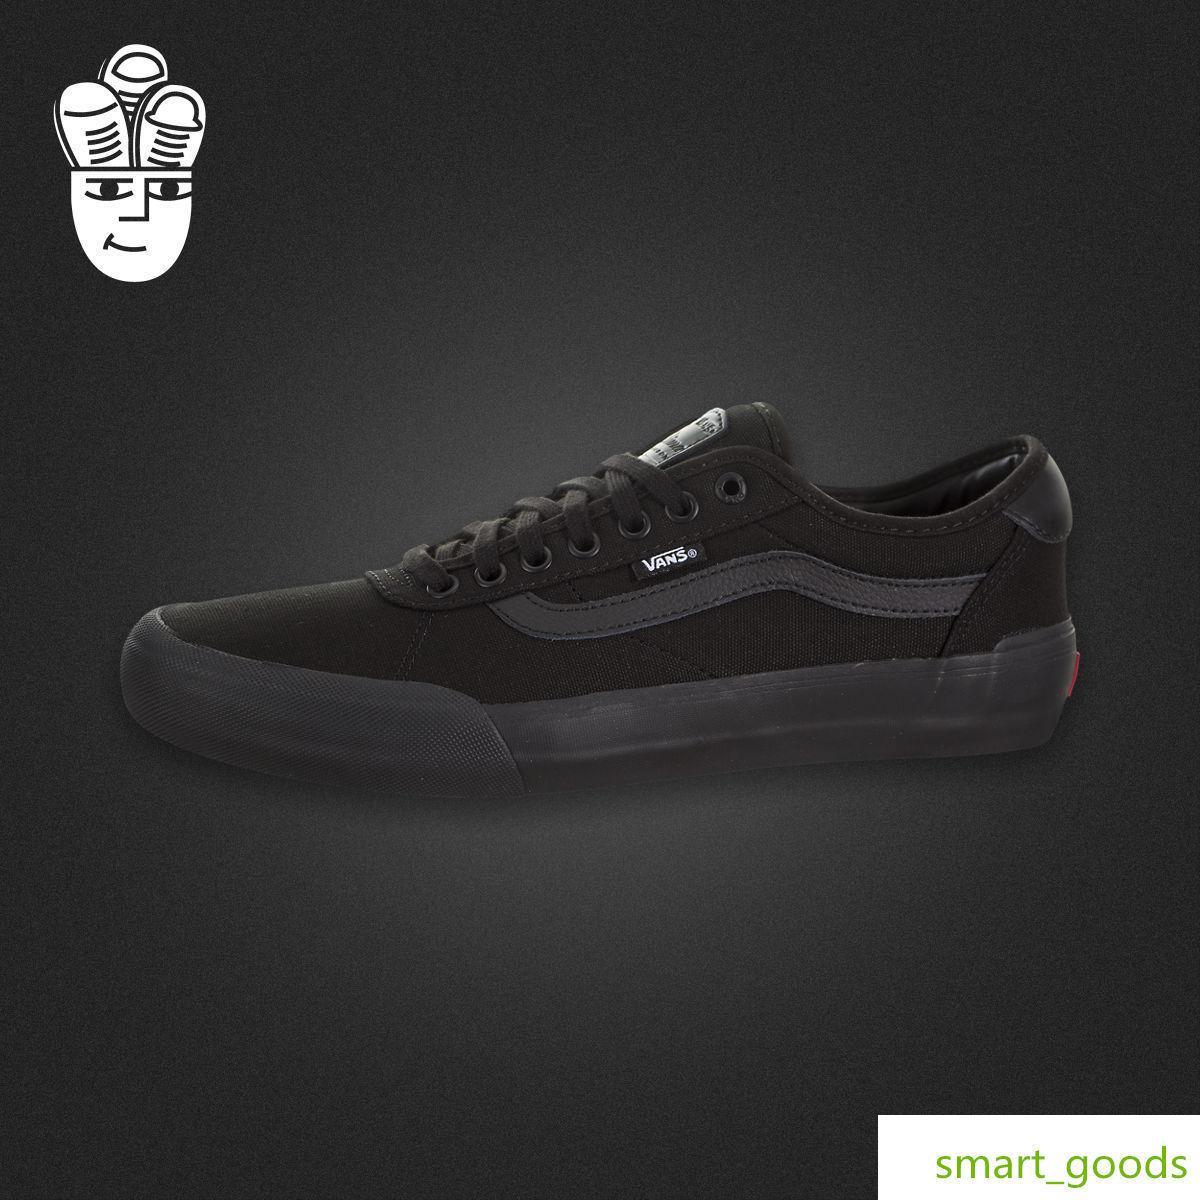 Chaussure en toile classique pour homme avec style Chima Pro 2